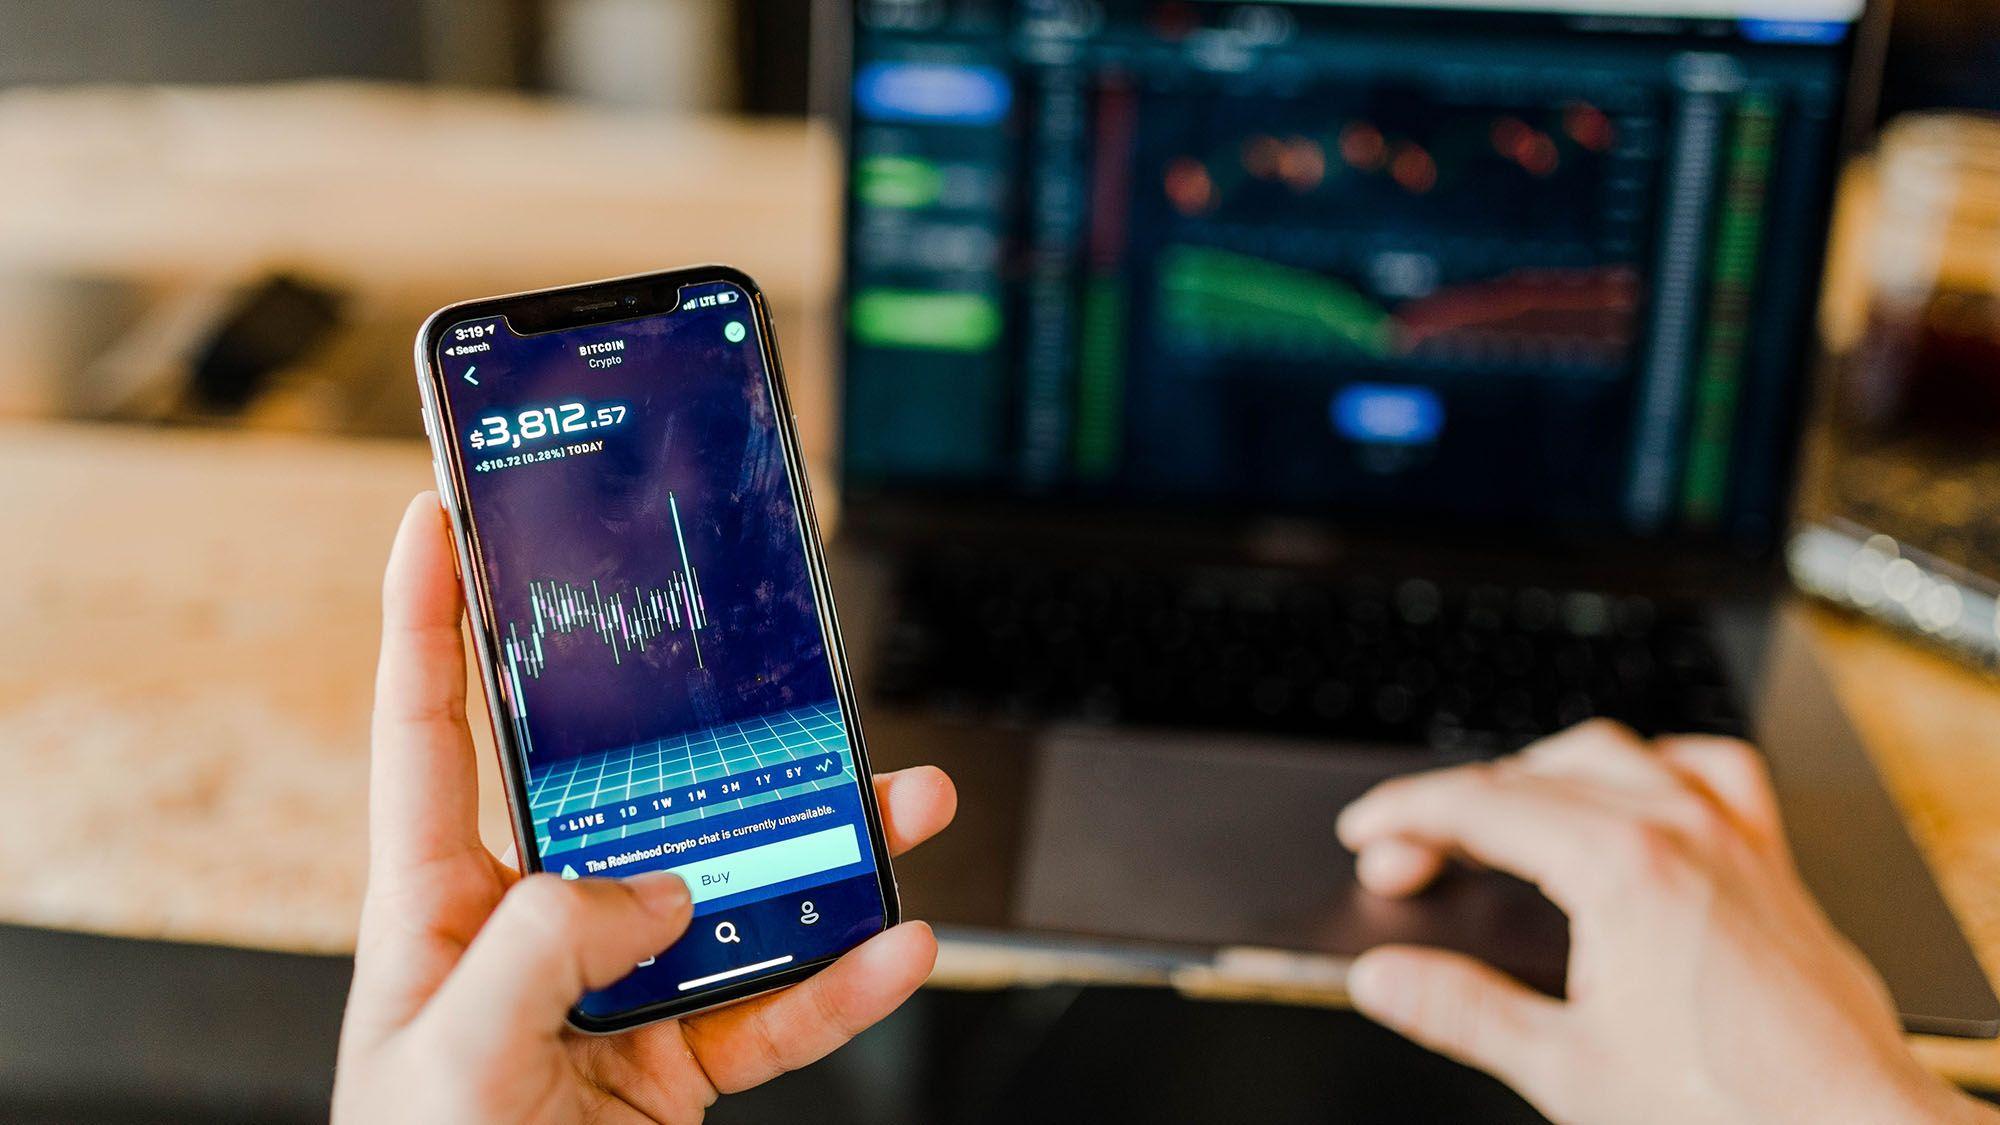 暗号通貨マネロン新規制、利用者情報の共有に課題